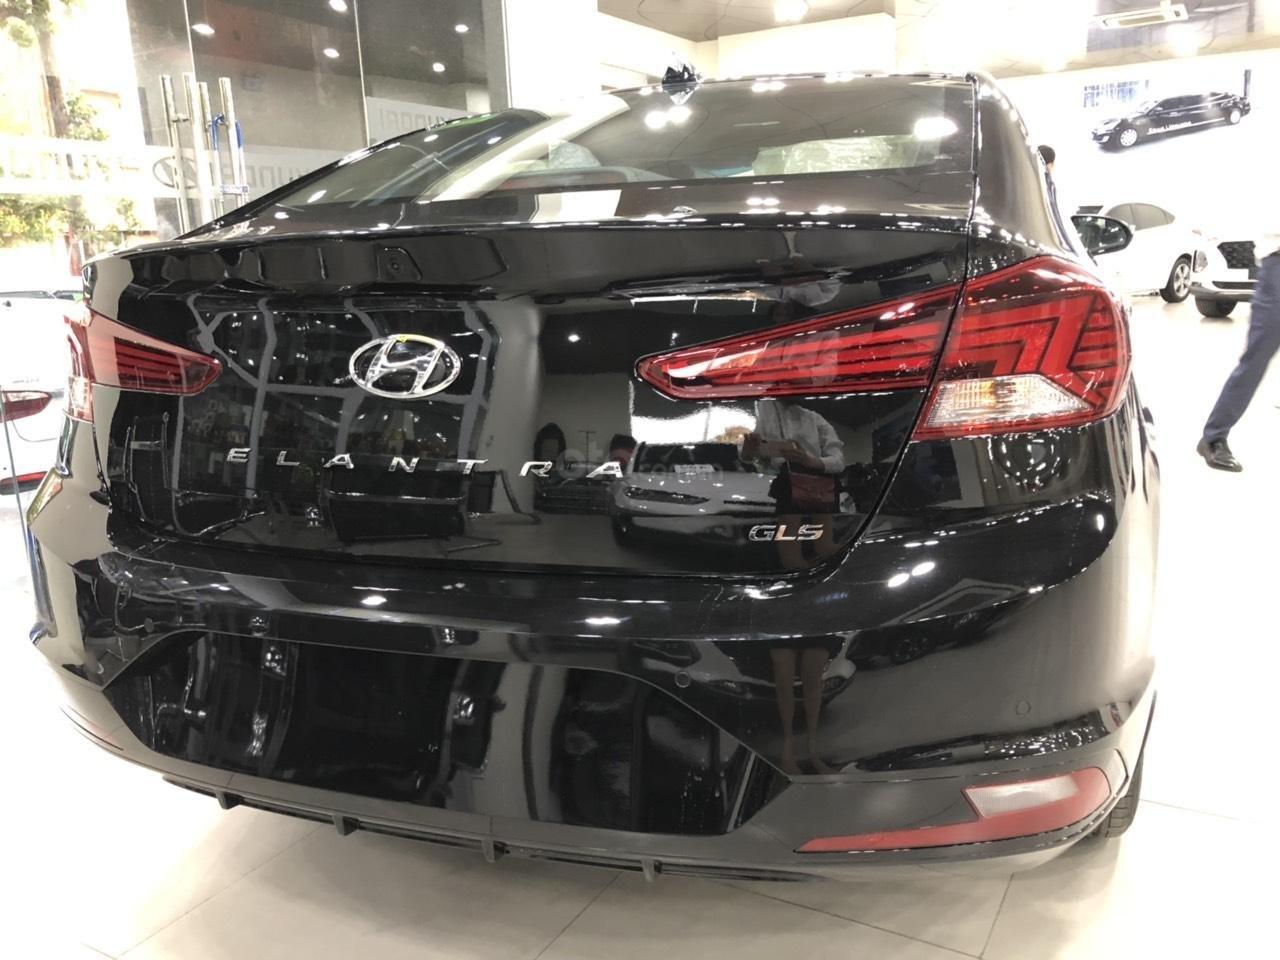 Hyundai Elantra 1.6 AT Facelift new 2019 - KM lên tới 20 triệu - giao ngay - Ms Lan 0919929923 (9)